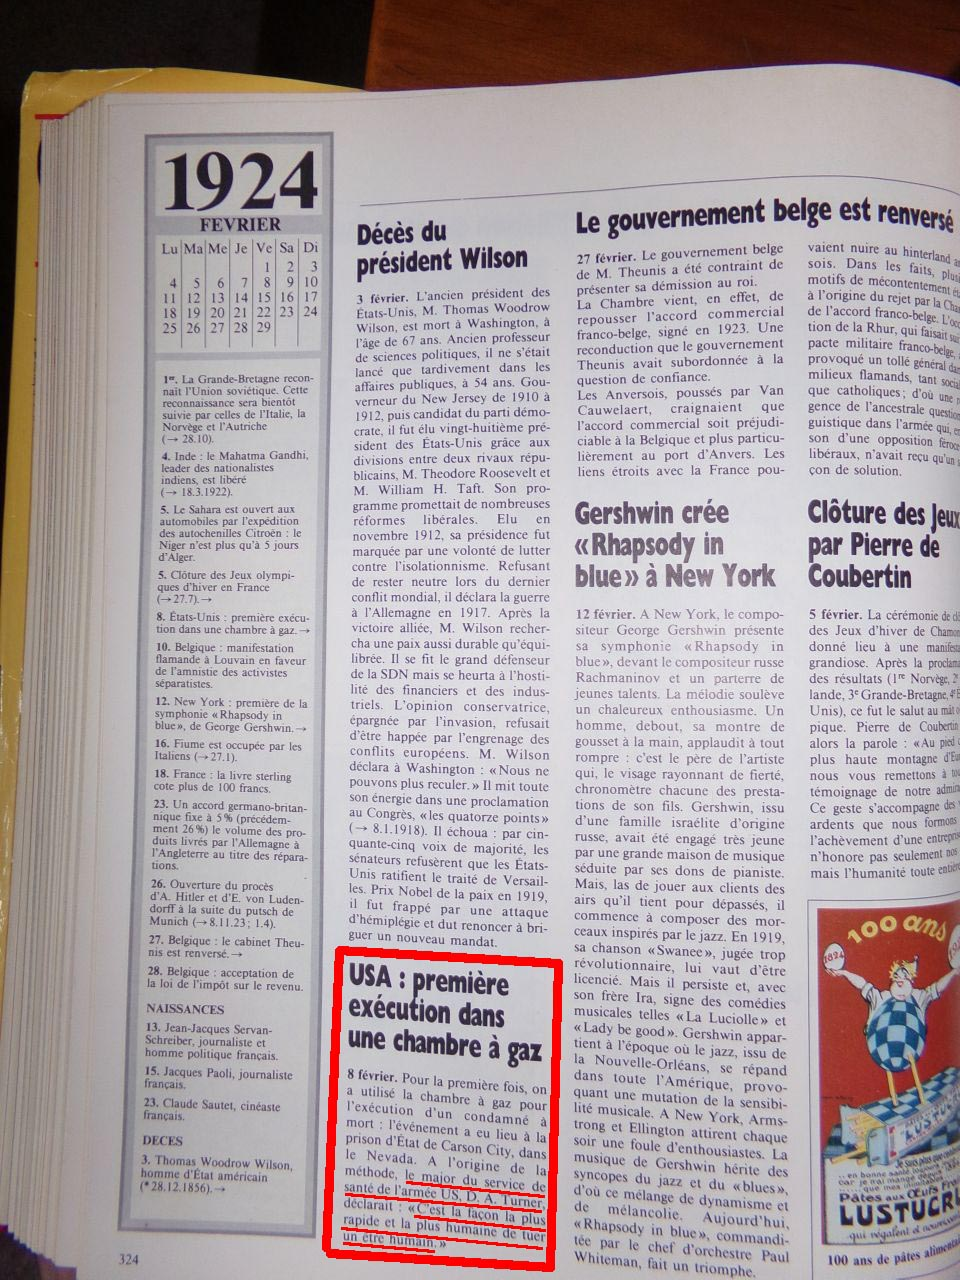 Un peu d'Histoire ...  L'origine de la création de l'état d'israël, 1947 ou 19° siècle ?  Chroniquedu20esiecle-07